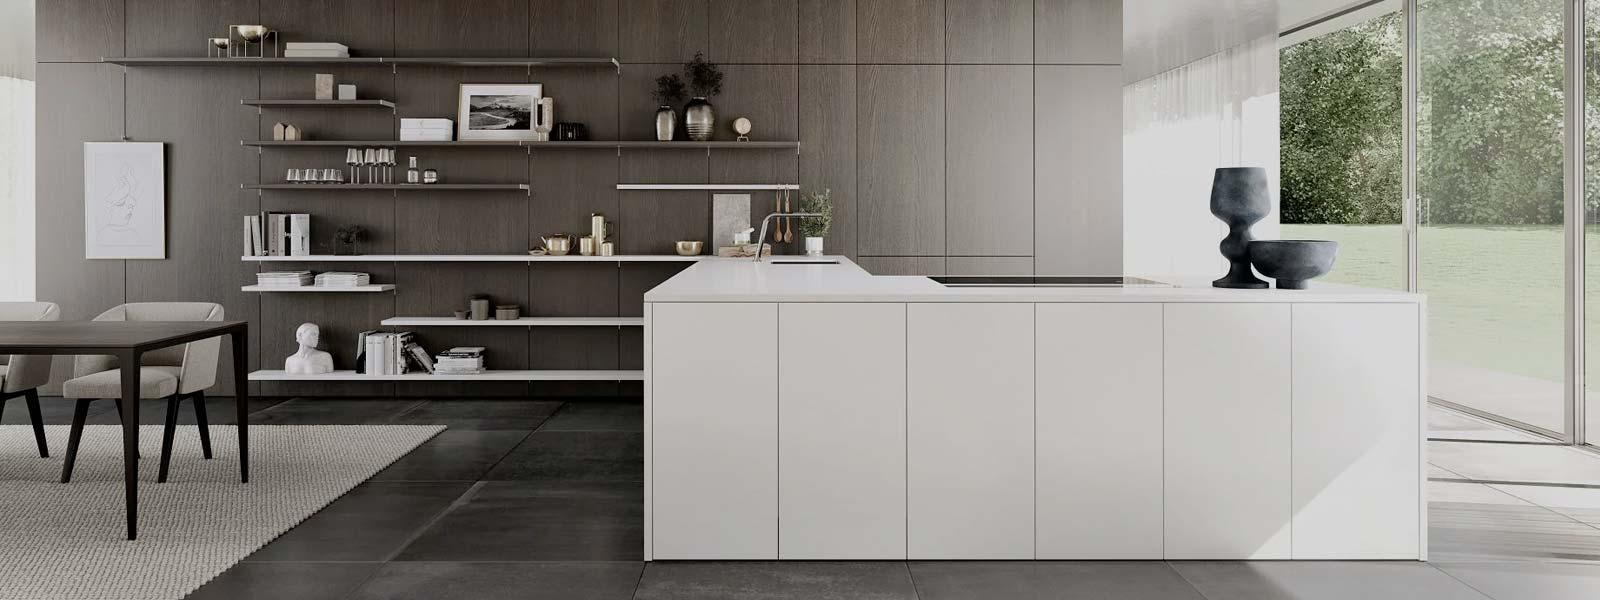 Een vrijstaande hoekkeuken van SieMatic. De keukenkasten zijn wit afgewerkt en hebben een ingebouwde kookplaat.